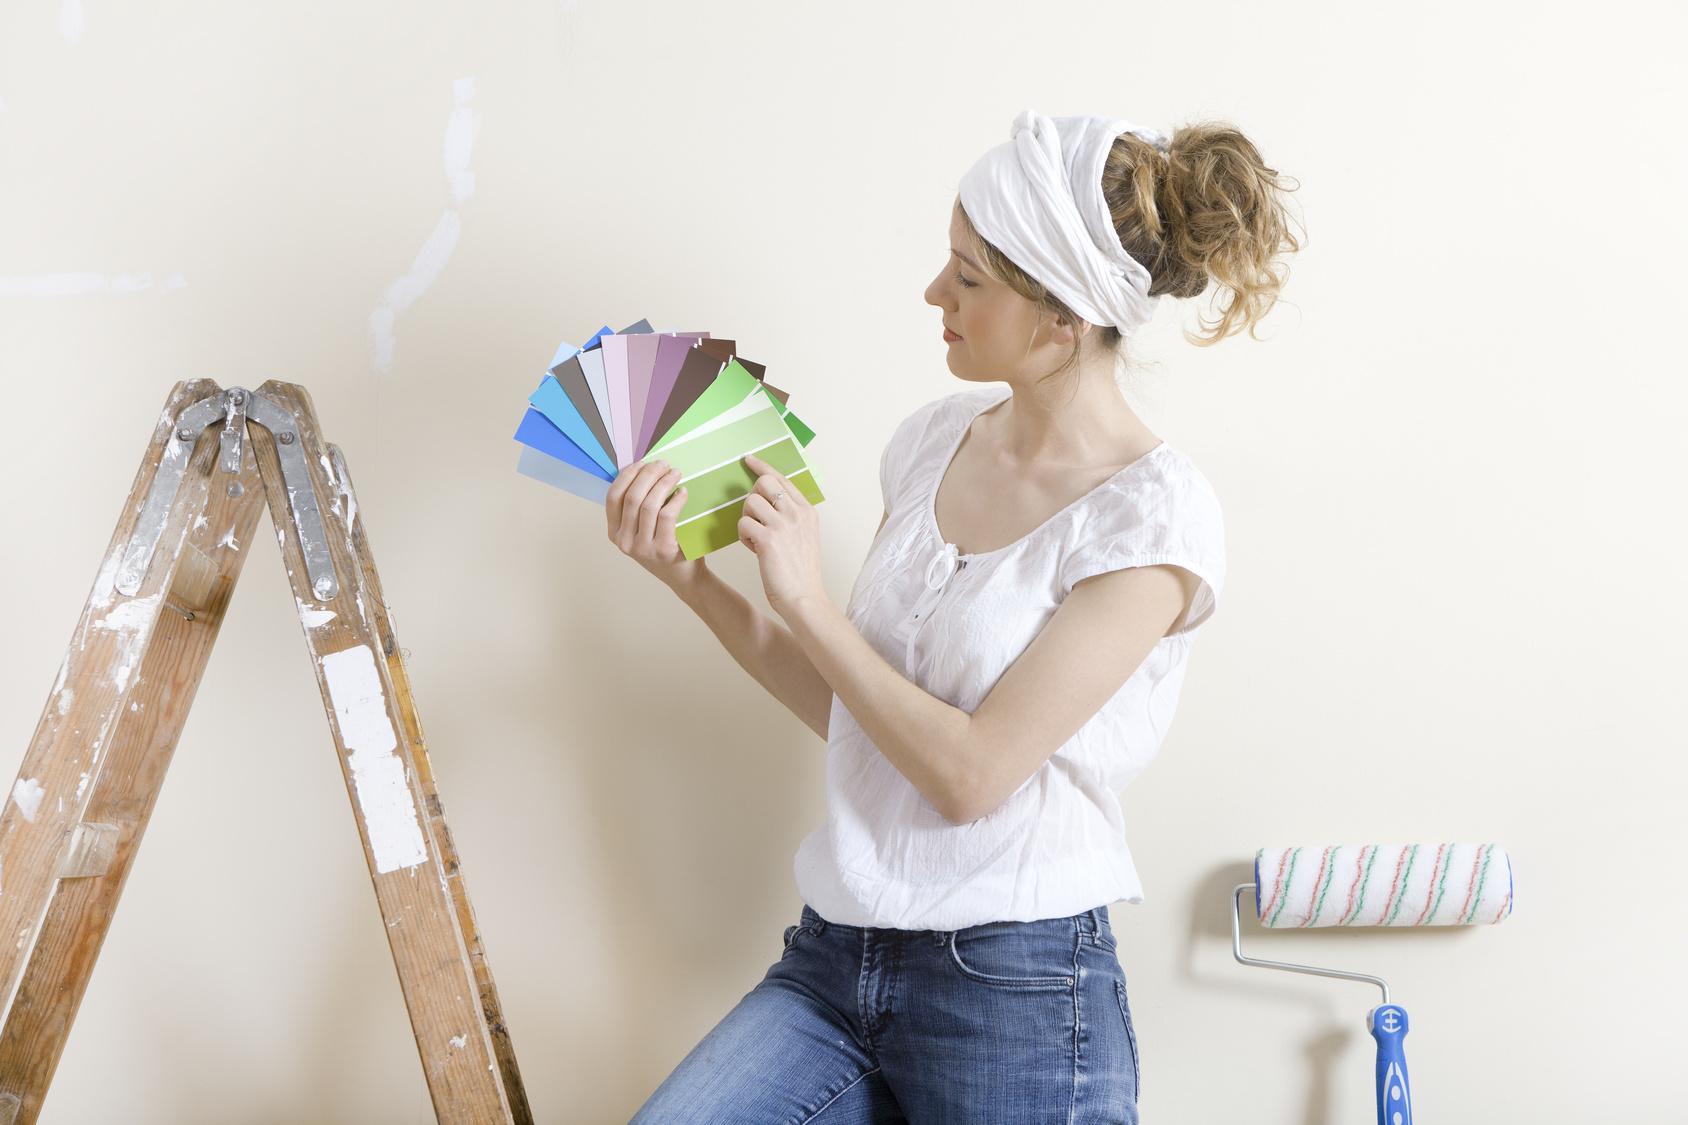 blauer engel wandfarben neue vorgaben f r konservierungsmittel umweltbundesamt. Black Bedroom Furniture Sets. Home Design Ideas